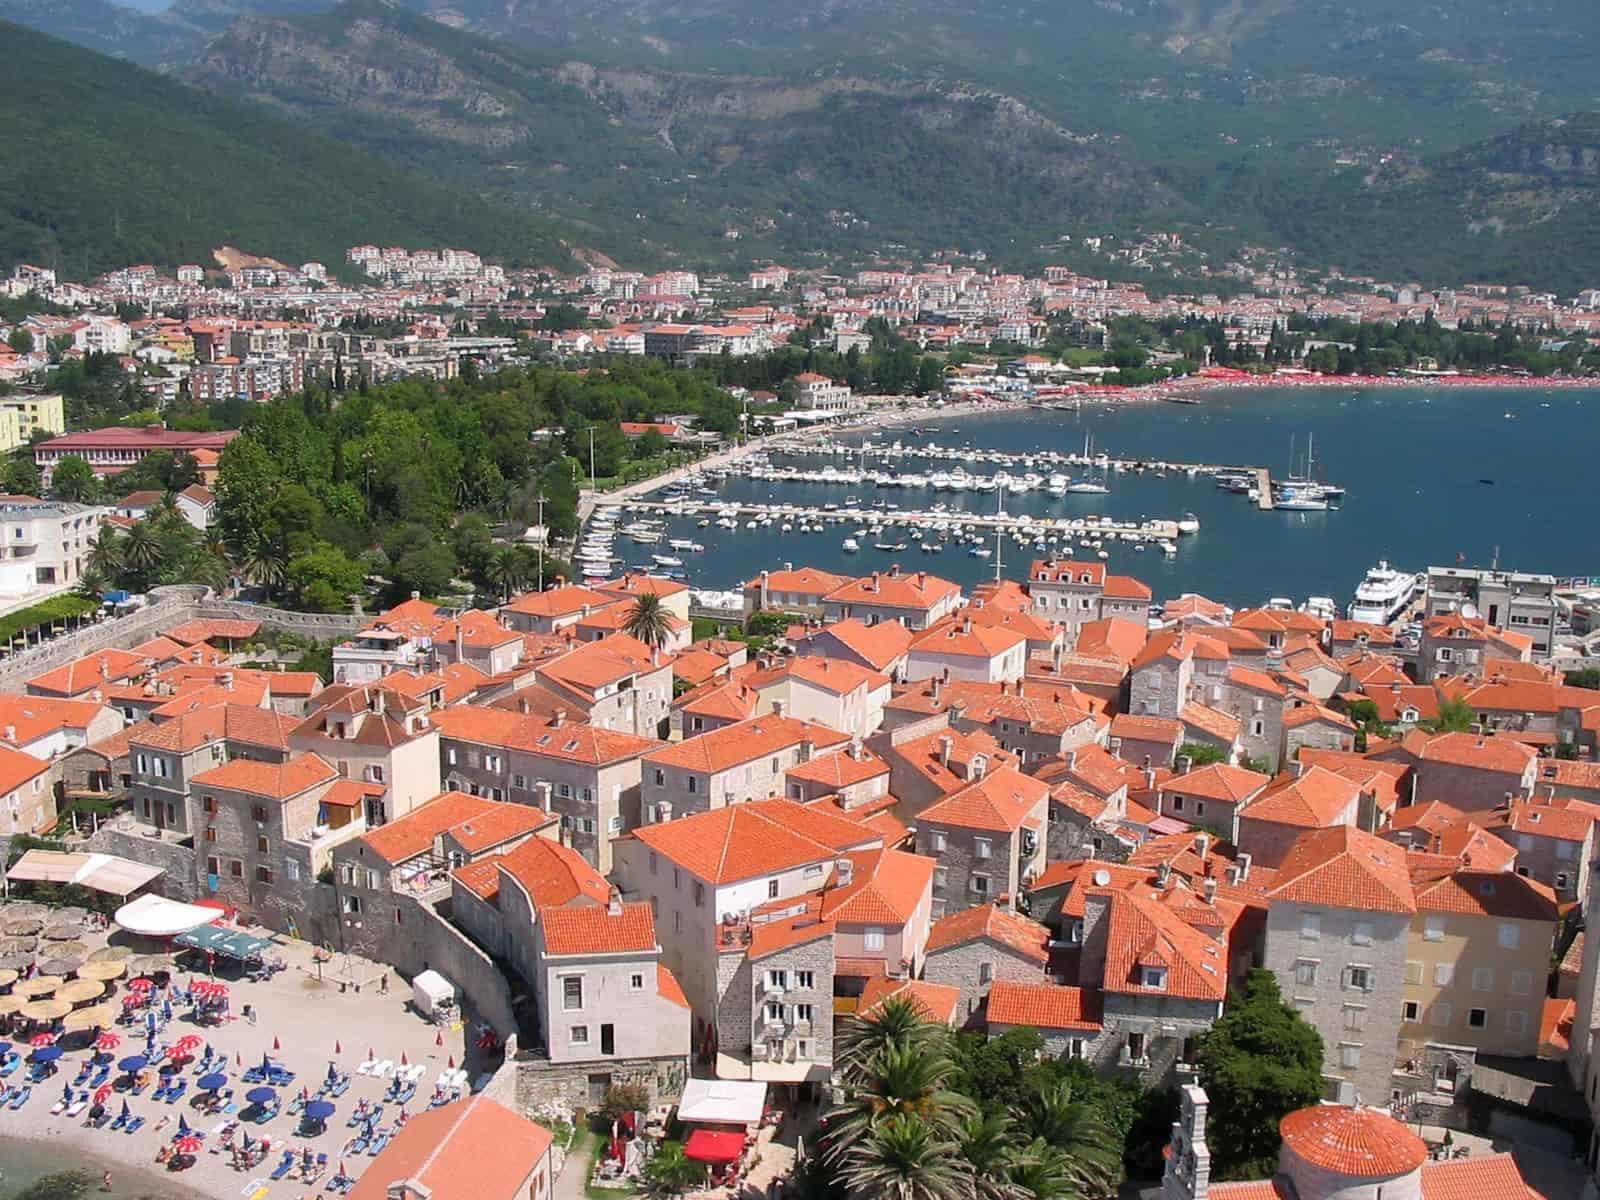 panorama-of-budva-in-montenegro